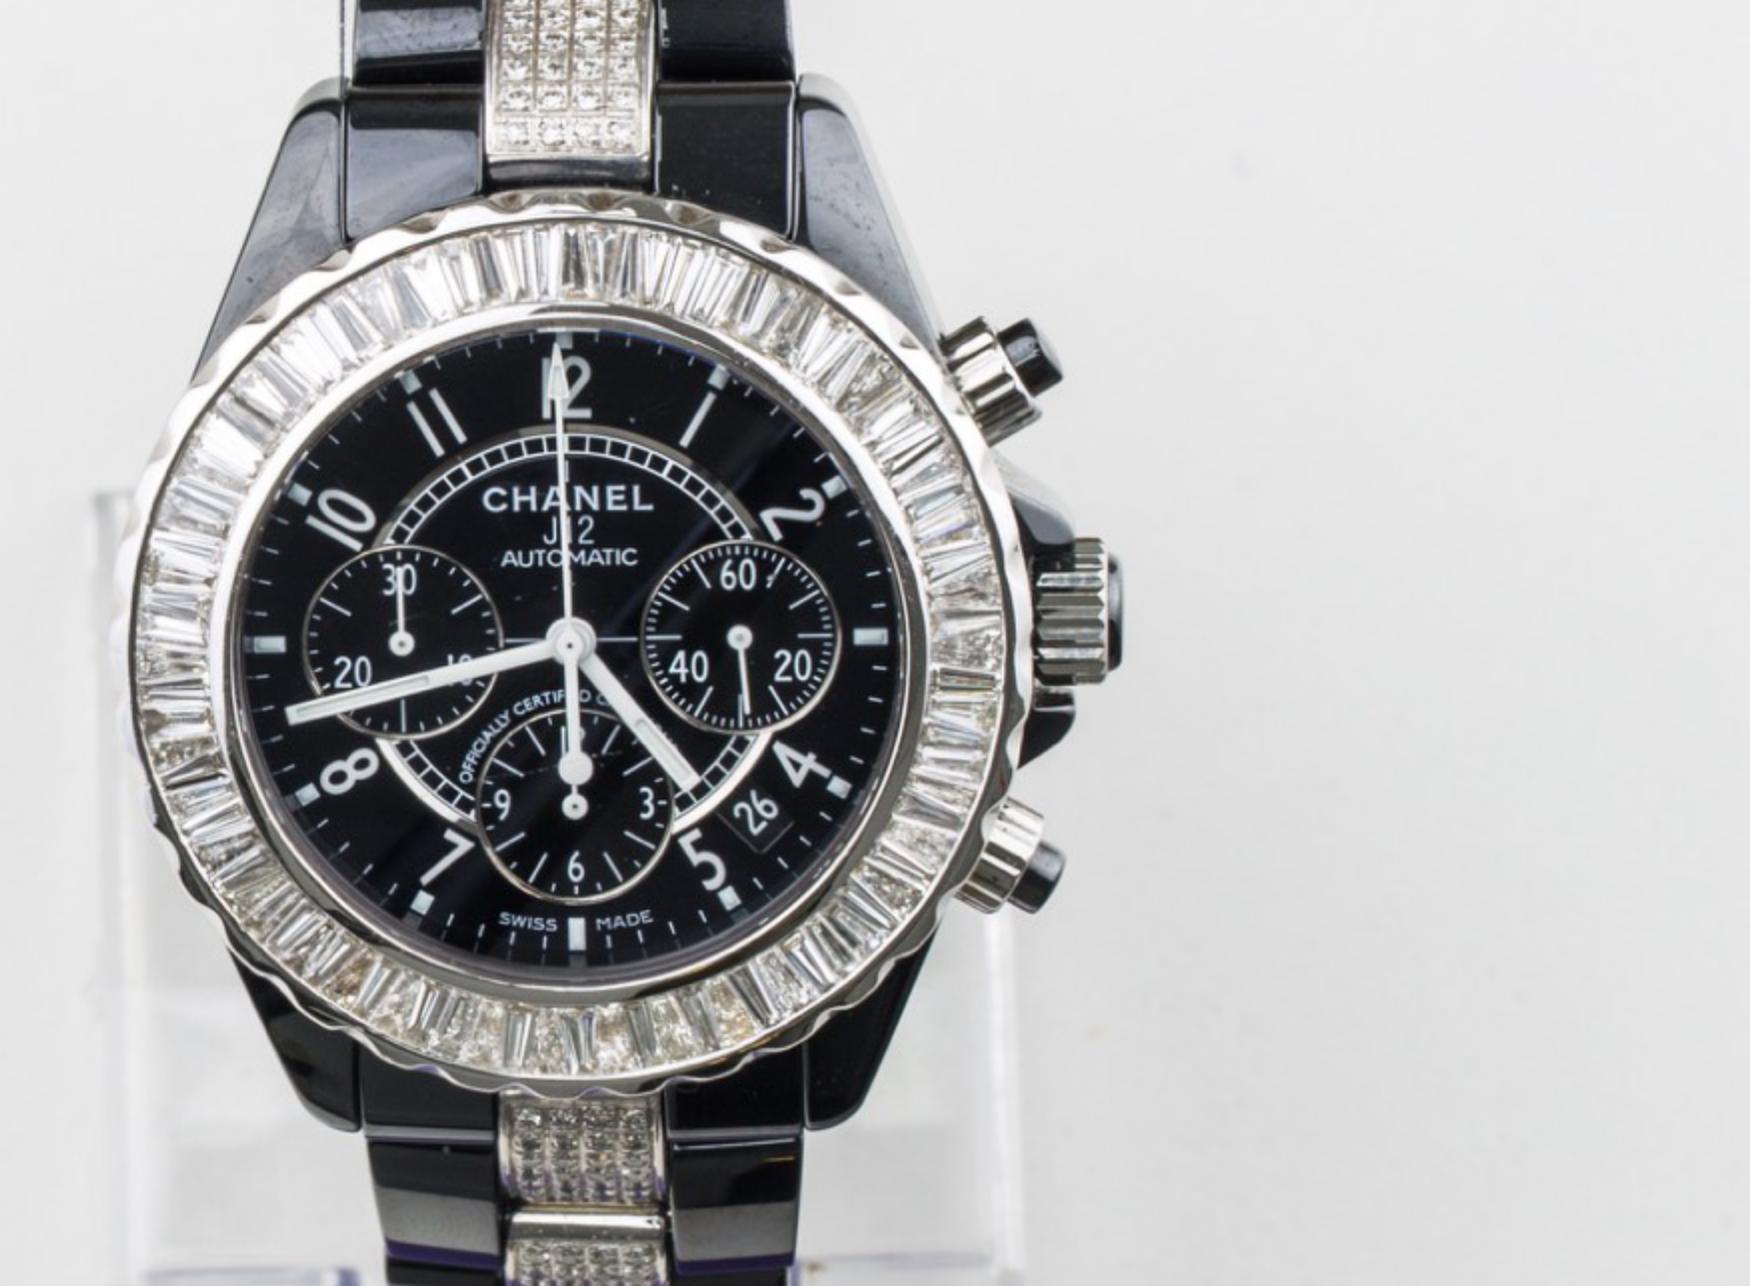 Lot 27 - CHANEL -J12 Unisex Chanel watch